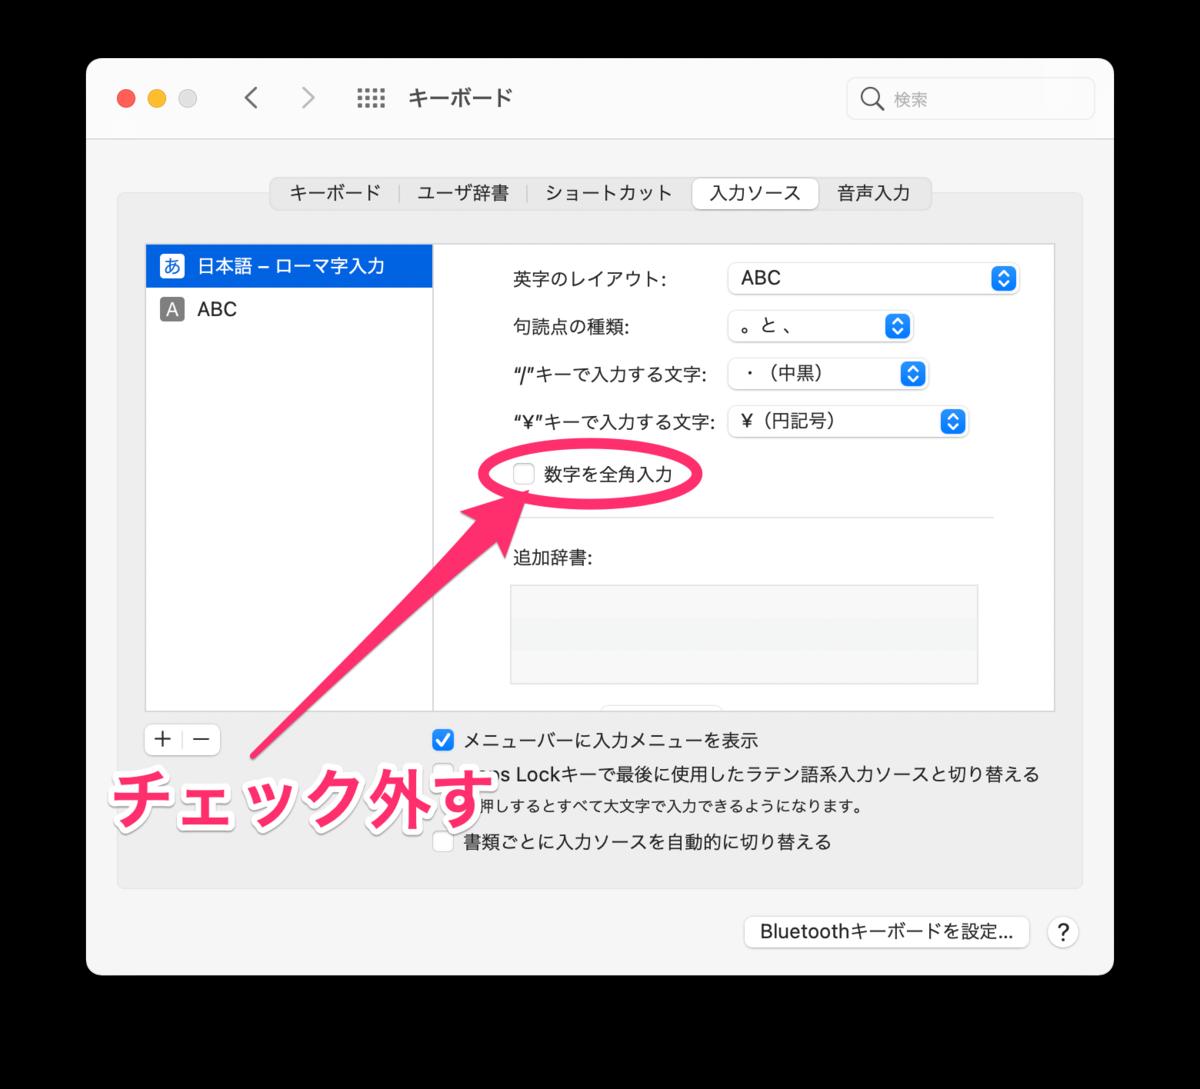 f:id:okinawa-wandabo:20210421130937p:plain